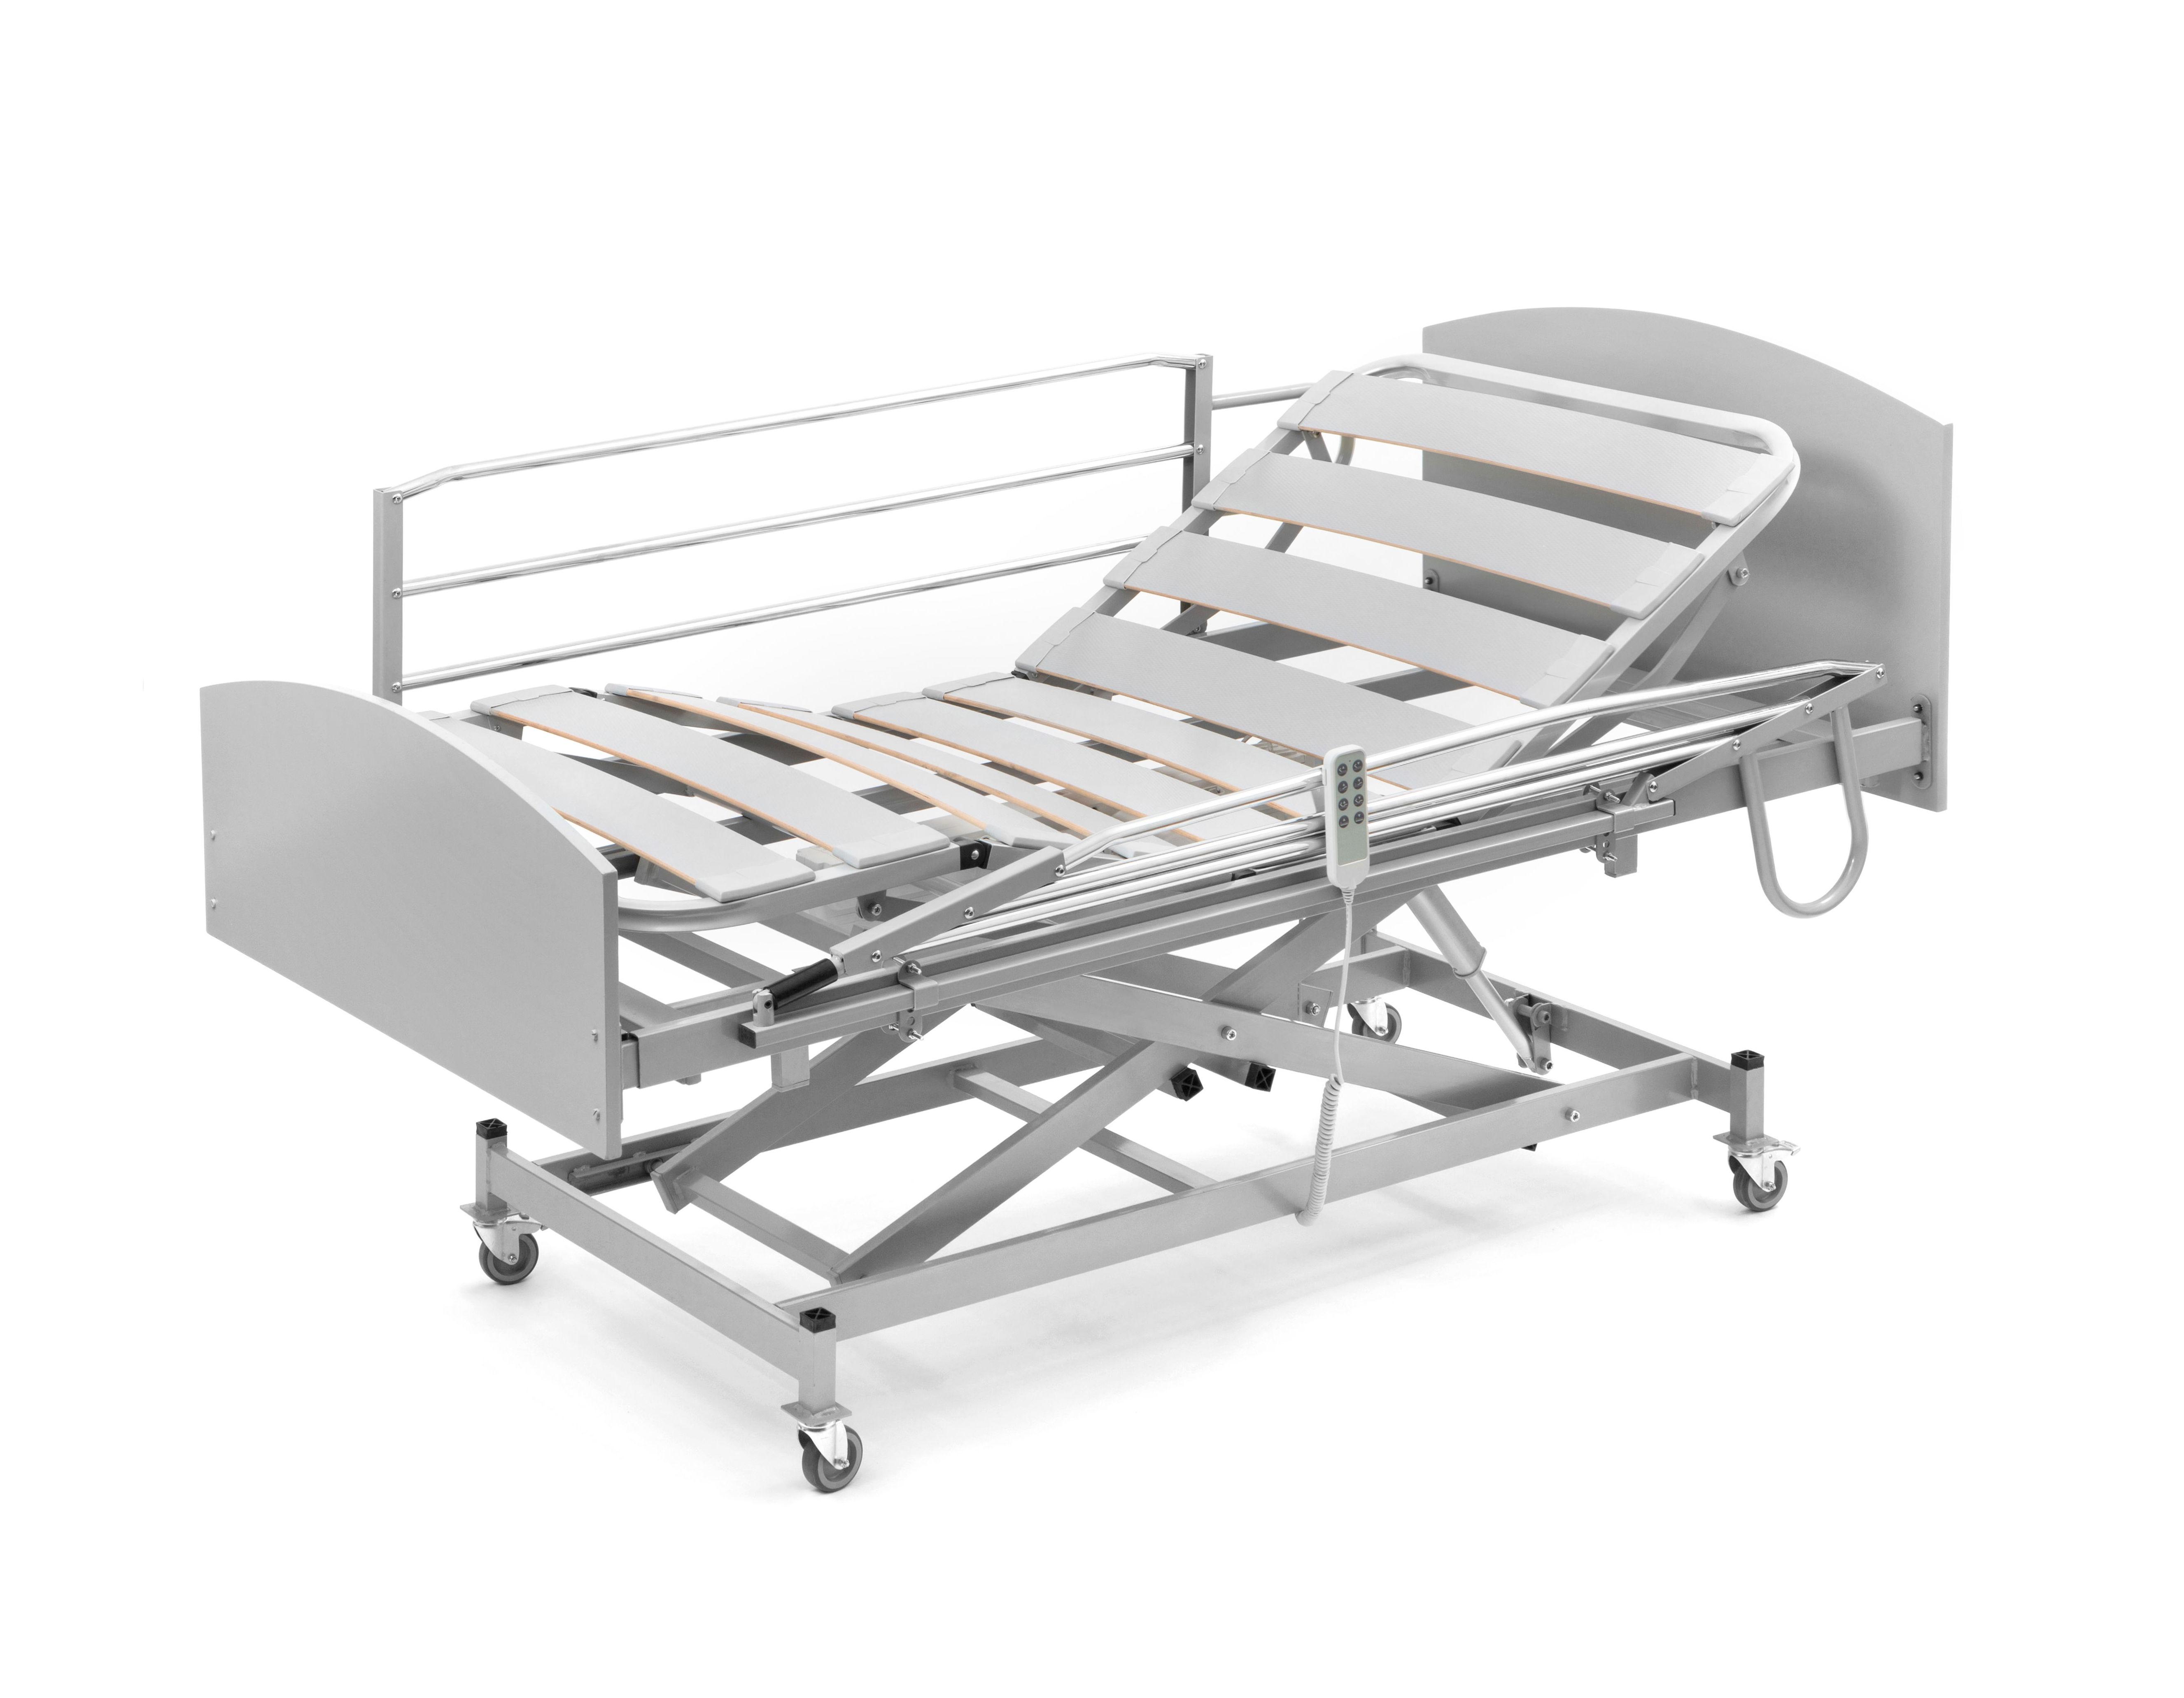 Cama ortopérica con somier A 400 / Quality Descans